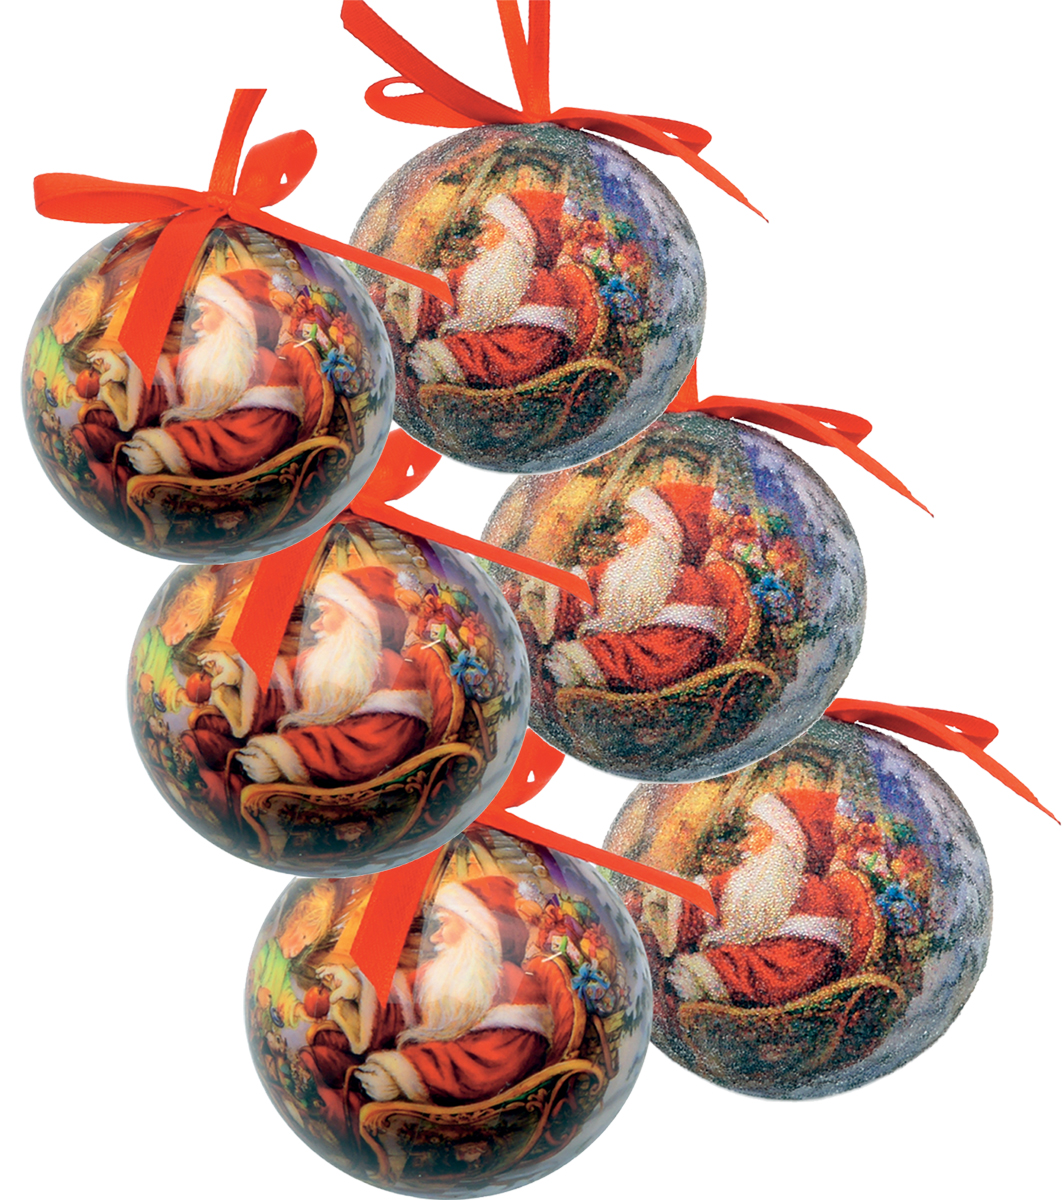 Набор новогодних подвесных украшений Mister Christmas Папье-маше, диаметр 7,5 см, 6 шт. PM-21-6PM-21-6Набор из 6 подвесных украшений Mister Christmas Папье-маше прекрасно подойдет для праздничного декора новогодней ели. Изделия, выполненные из бумаги и покрытые несколькими слоями лака, очень прочные и легкие. Такие шары создадут единый стиль в оформлении не только ели, но и интерьера вашего дома. В наборе игрушки имеют глянцевую поверхность и покрытые мелкой пластиковой крошкой. Все изделия оснащены атласной ленточкой с логотипом бренда Mister Christmas для подвешивания. Такие украшения станут превосходным подарком к Новому году, а также дополнят коллекцию оригинальных новогодних елочных игрушек.